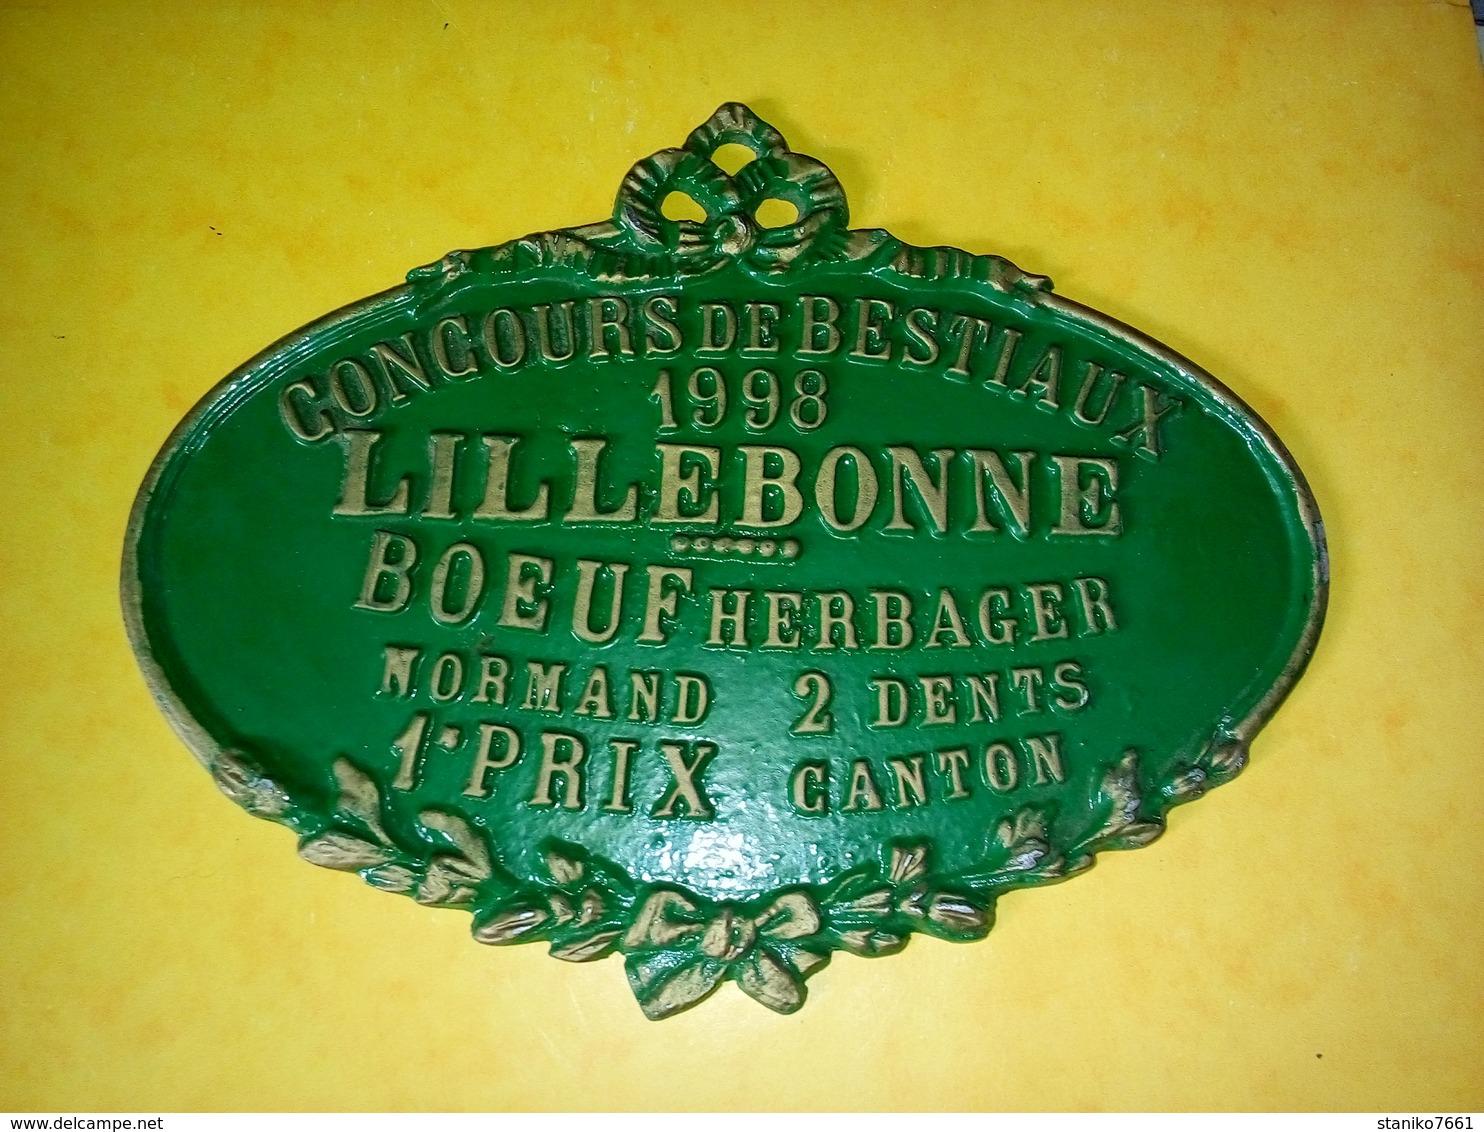 PLAQUE ÉMAILLÉE DE CONCOURS DE BESTIAUX 1998 LILLEBONNE BŒUF HERBAGER NORMAND 2 DENTS  1er PRIX CANTON - Ferronnerie